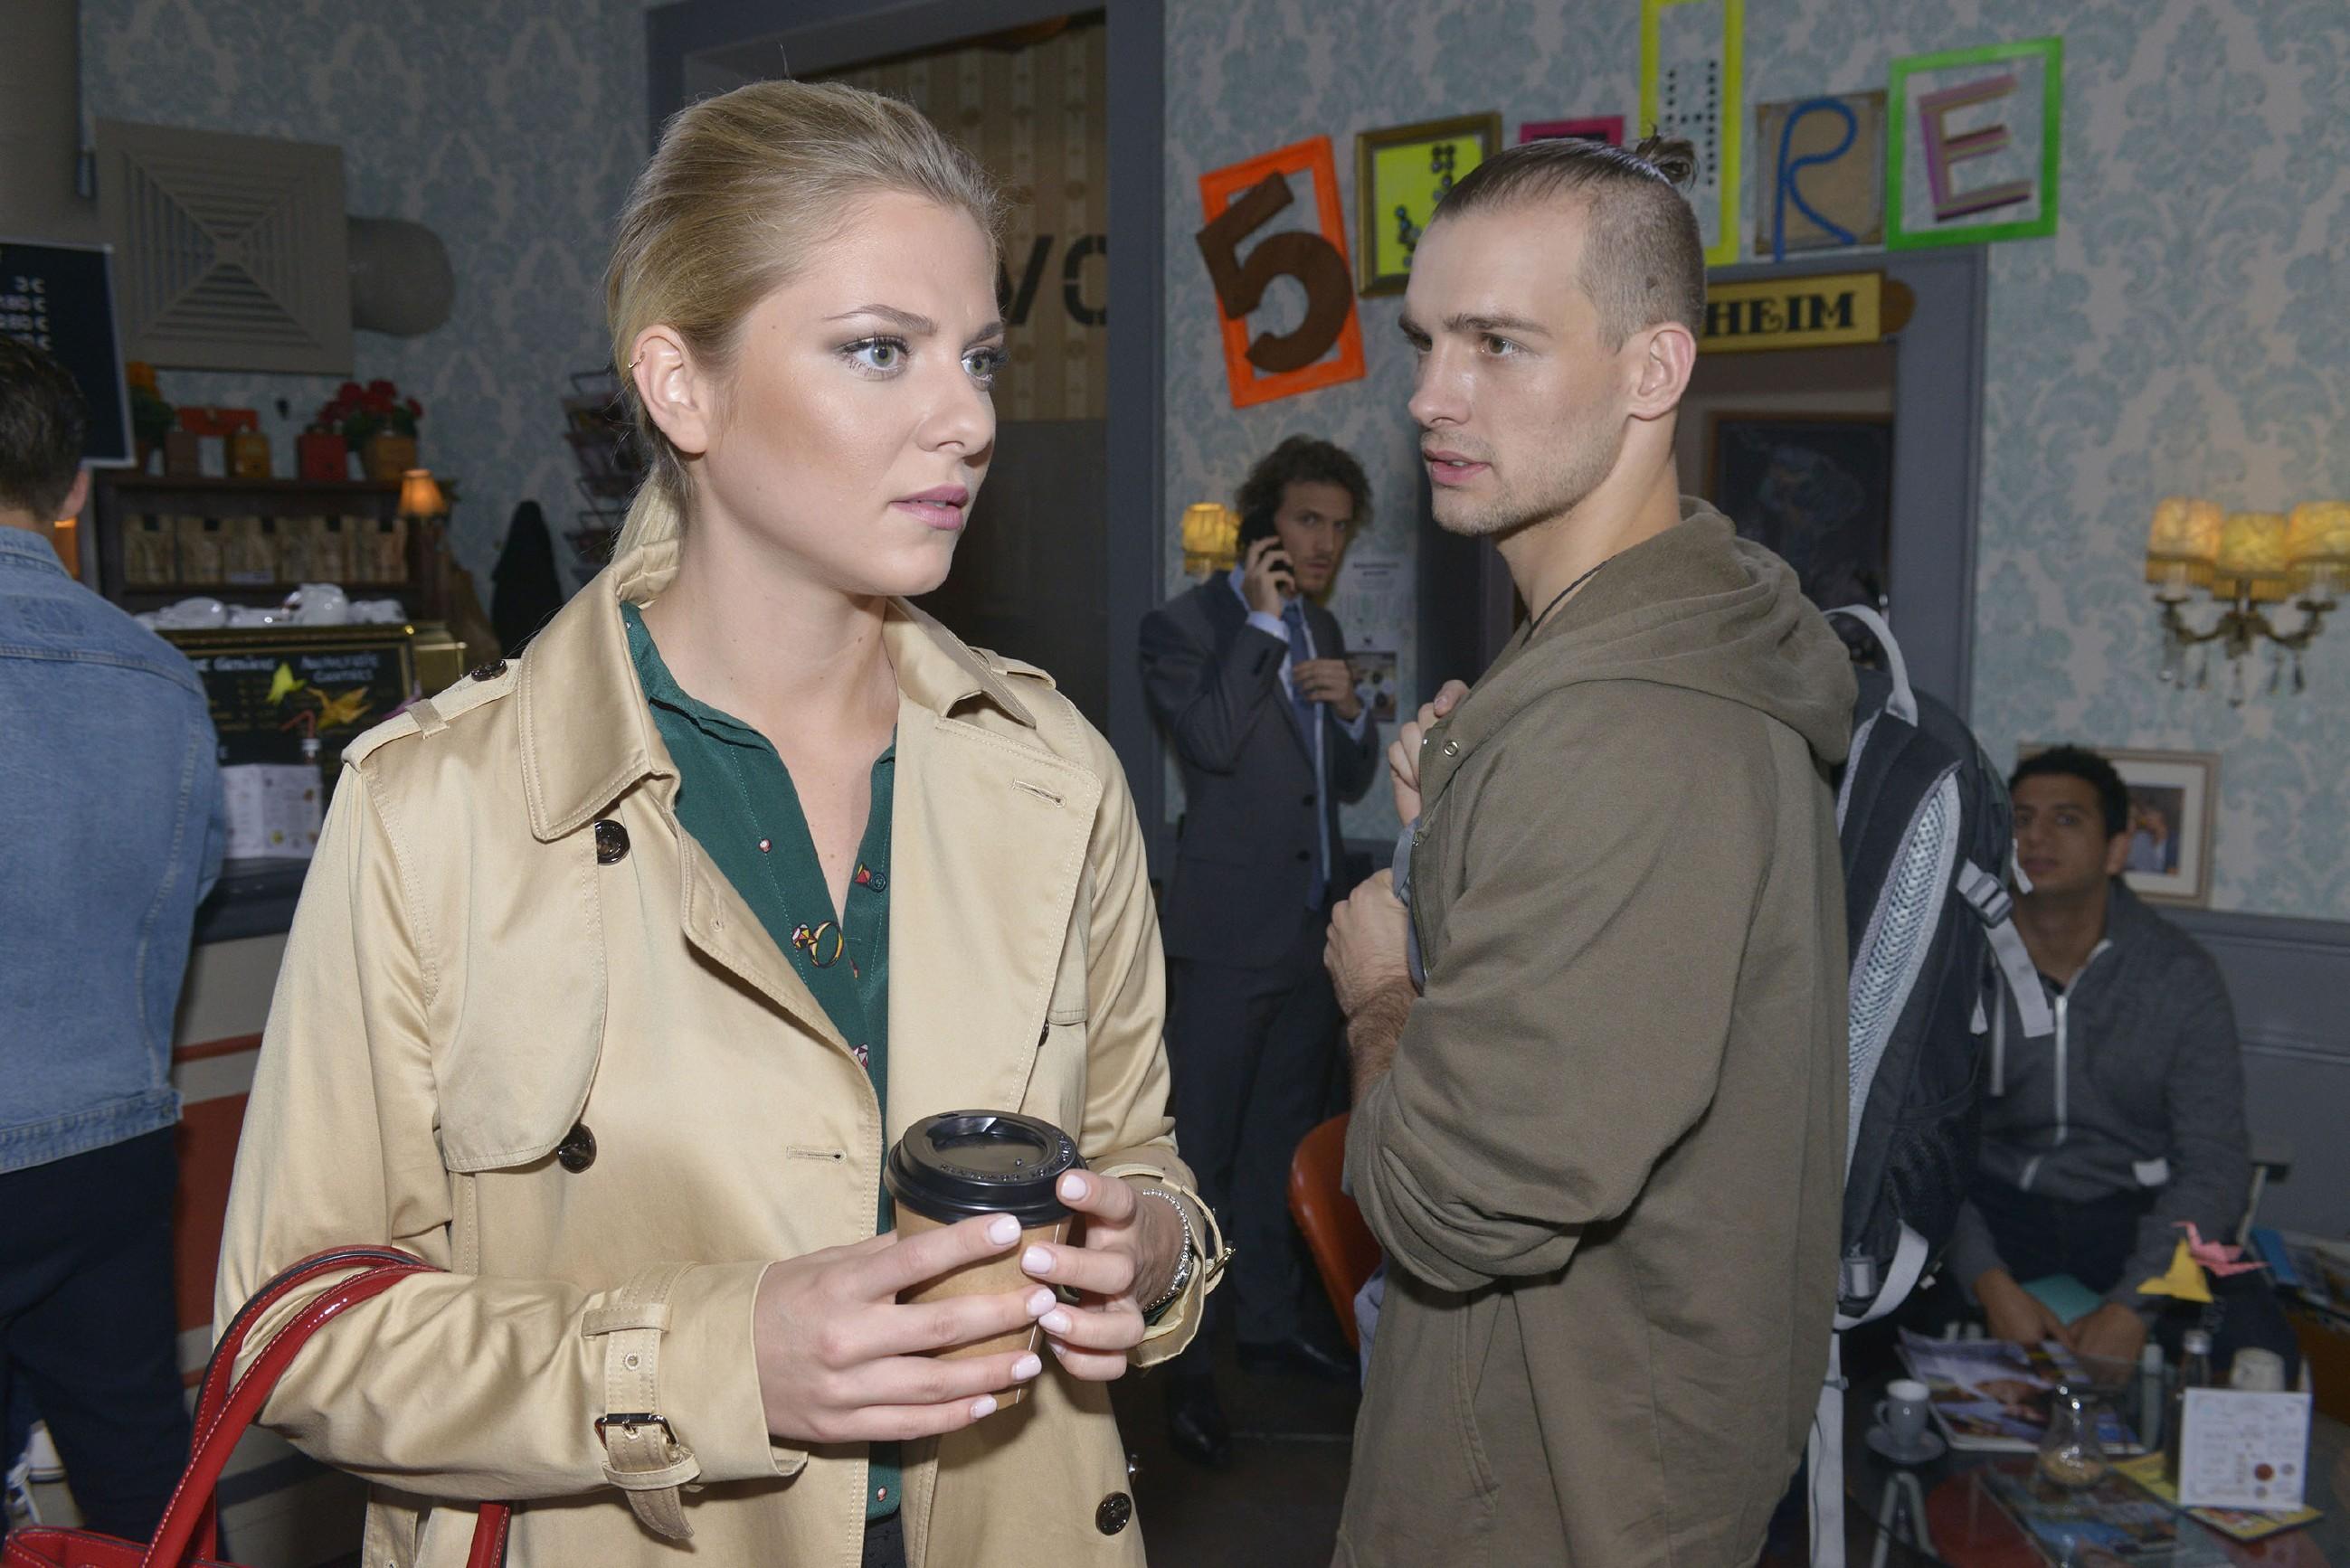 Sunny (Valentina Pahde) und Chris (Eric Stehfest) leiden gleichermaßen unter ihrer Funkstille. Während Sunny keine Ahnung hat, dass Chris sich per SMS bei ihr entschuldigt hat, glaubt Chris weiterhin, dass Sunny kein Interesse an ihrer Aussprache hat. (Quelle: RTL / Rolf Baumgartner)